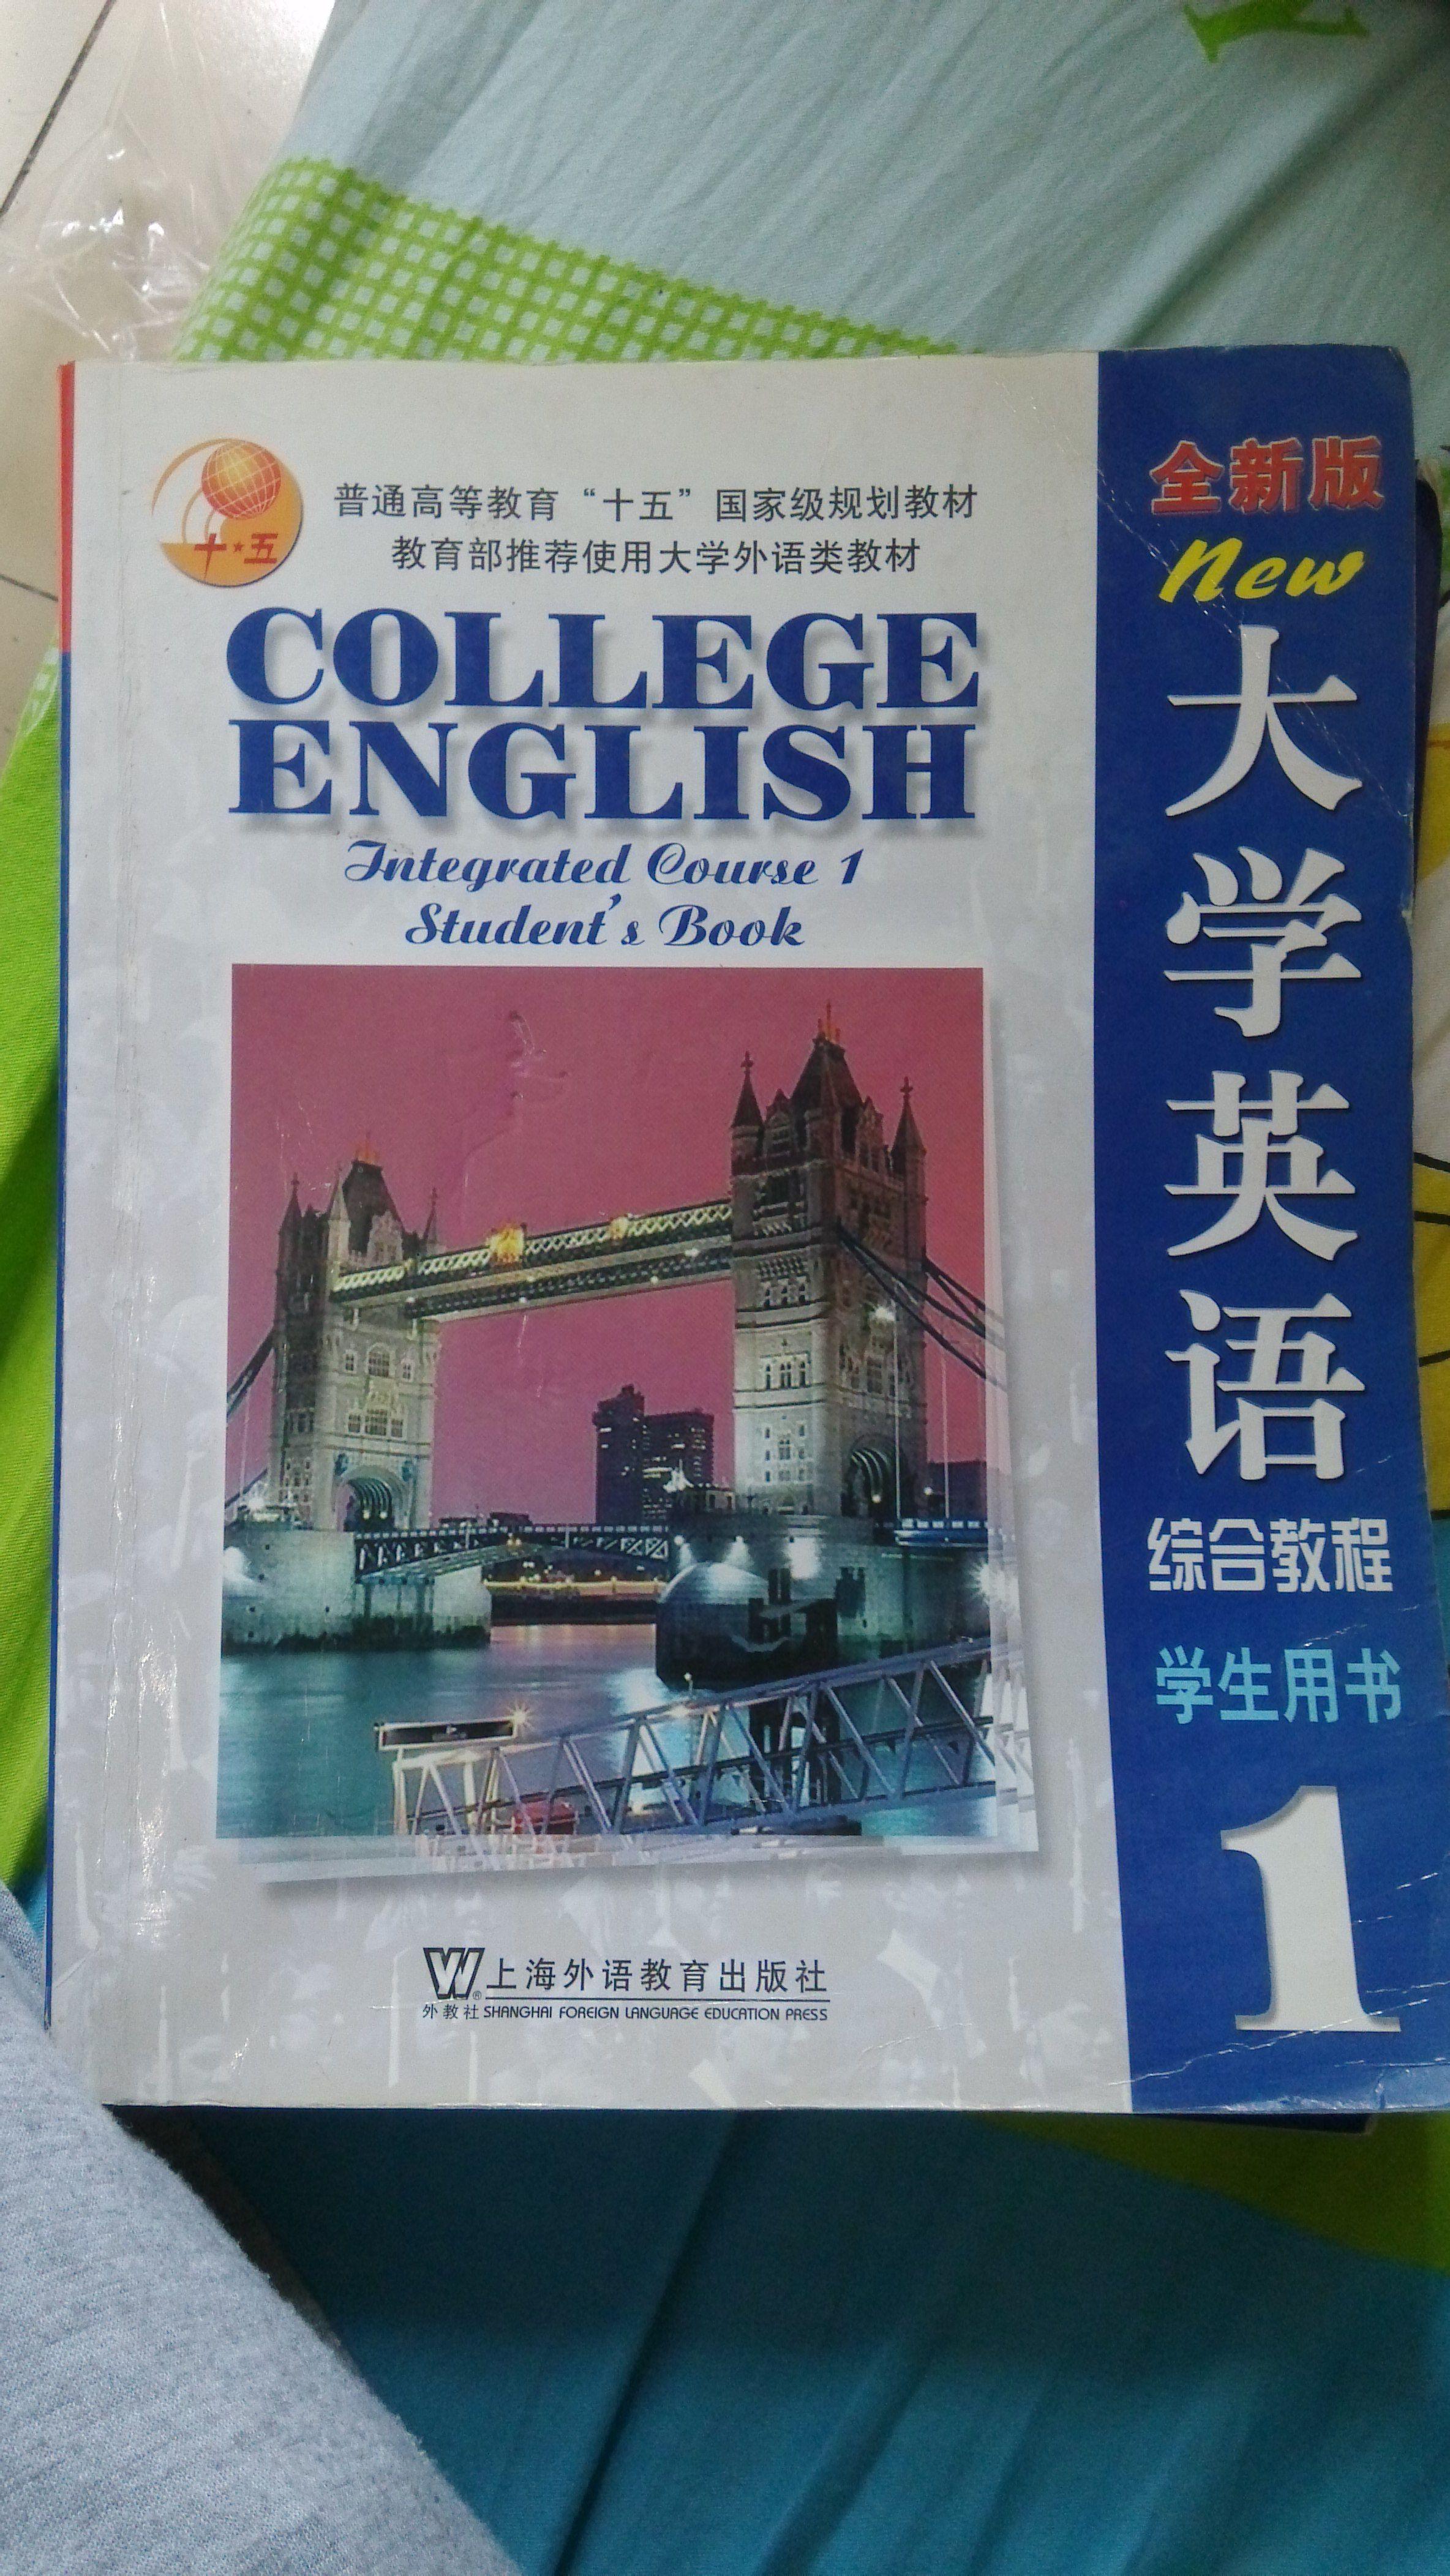 请问华北电力大学(北京校区)大学英语用的是那本教材图片